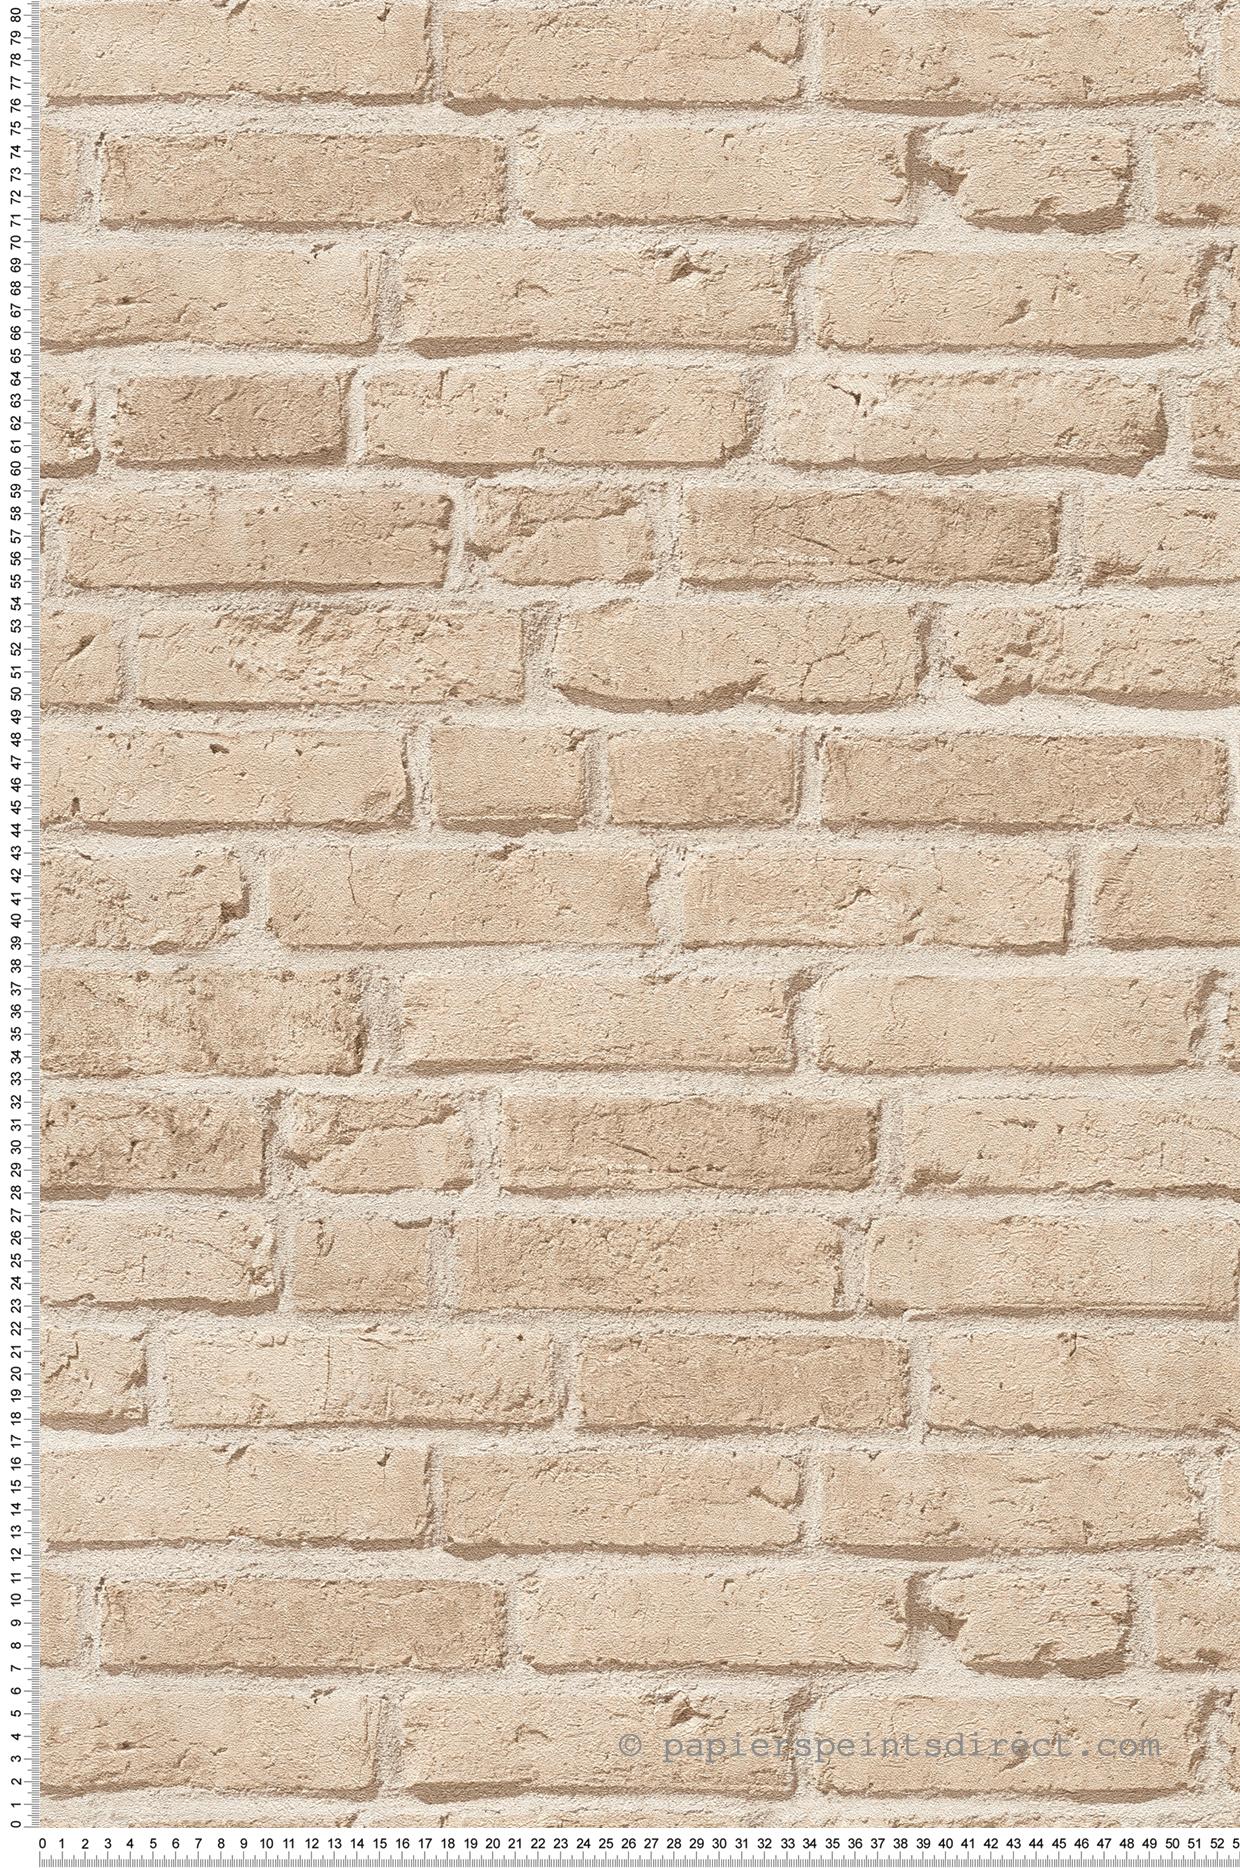 Chambre Ado Avec Papier Peint Brique papier peint briques beiges - wood n stone 2 d'as création